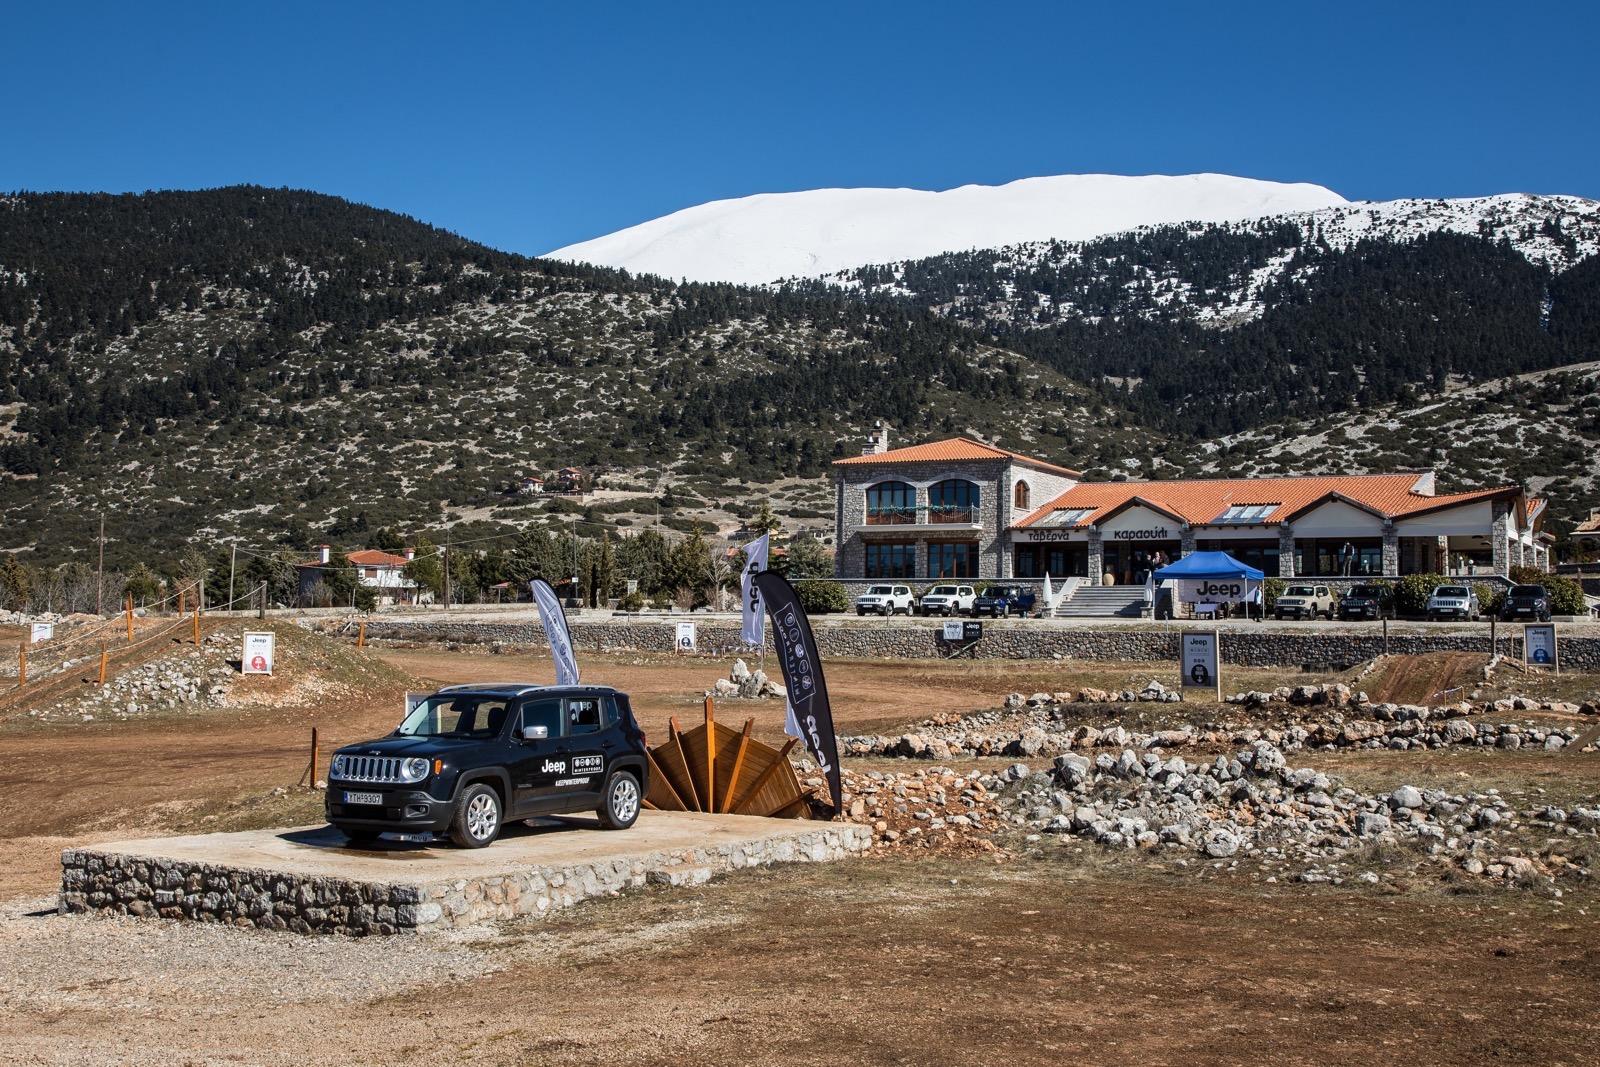 Jeep_Camp_Arahova_62